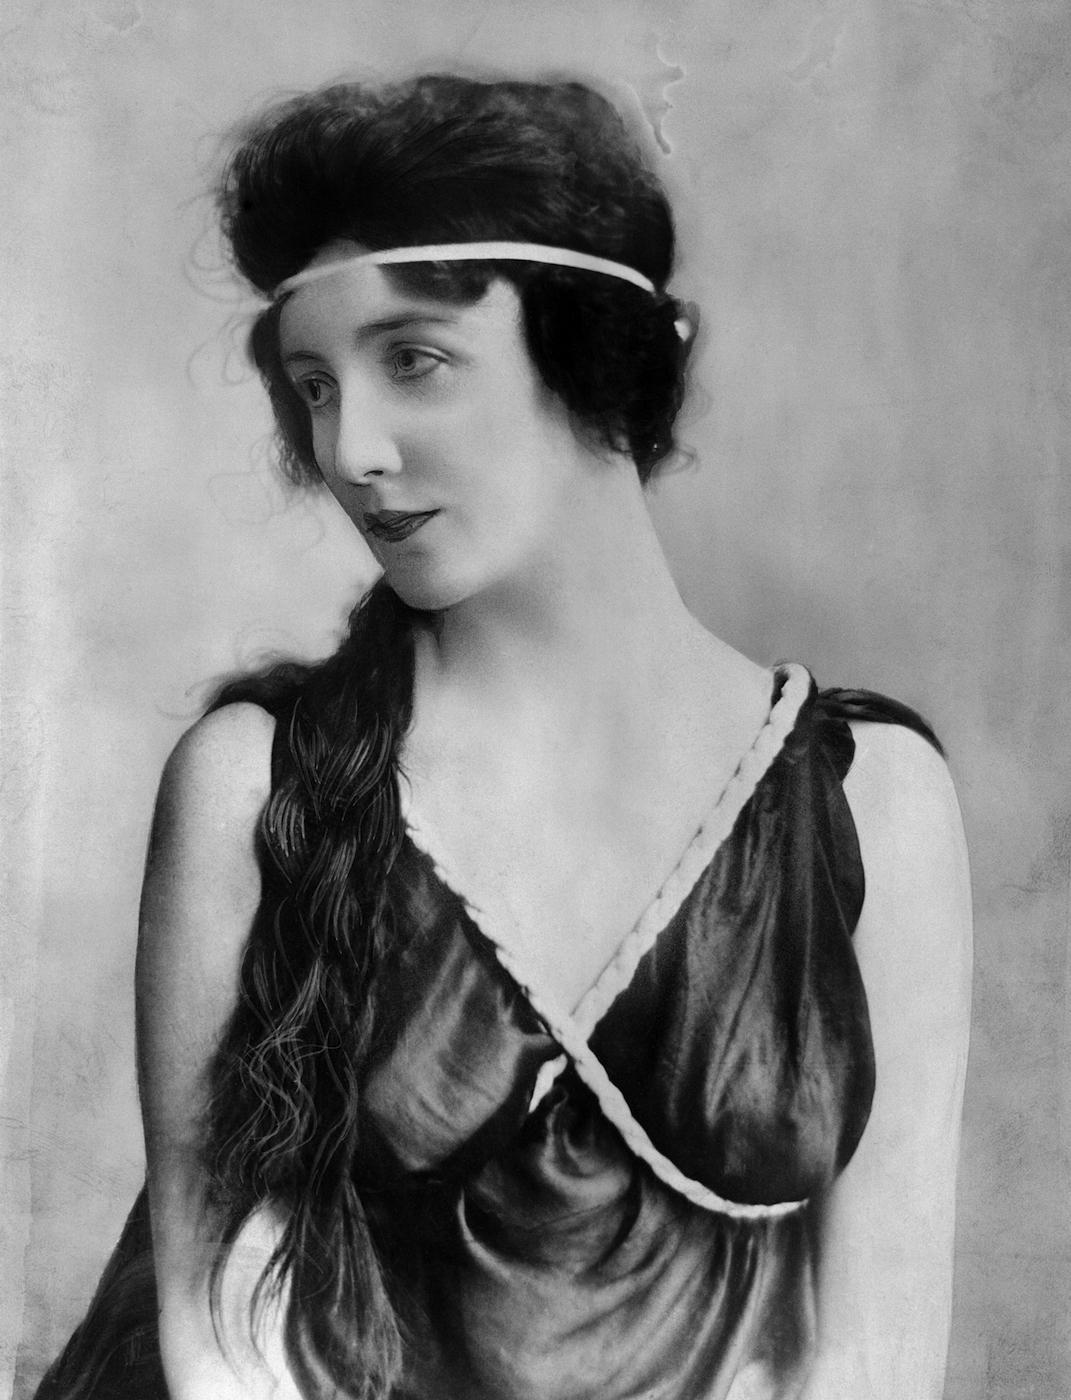 Audrey Munson (June 7, 1922) (© Bettmann/CORBIS)